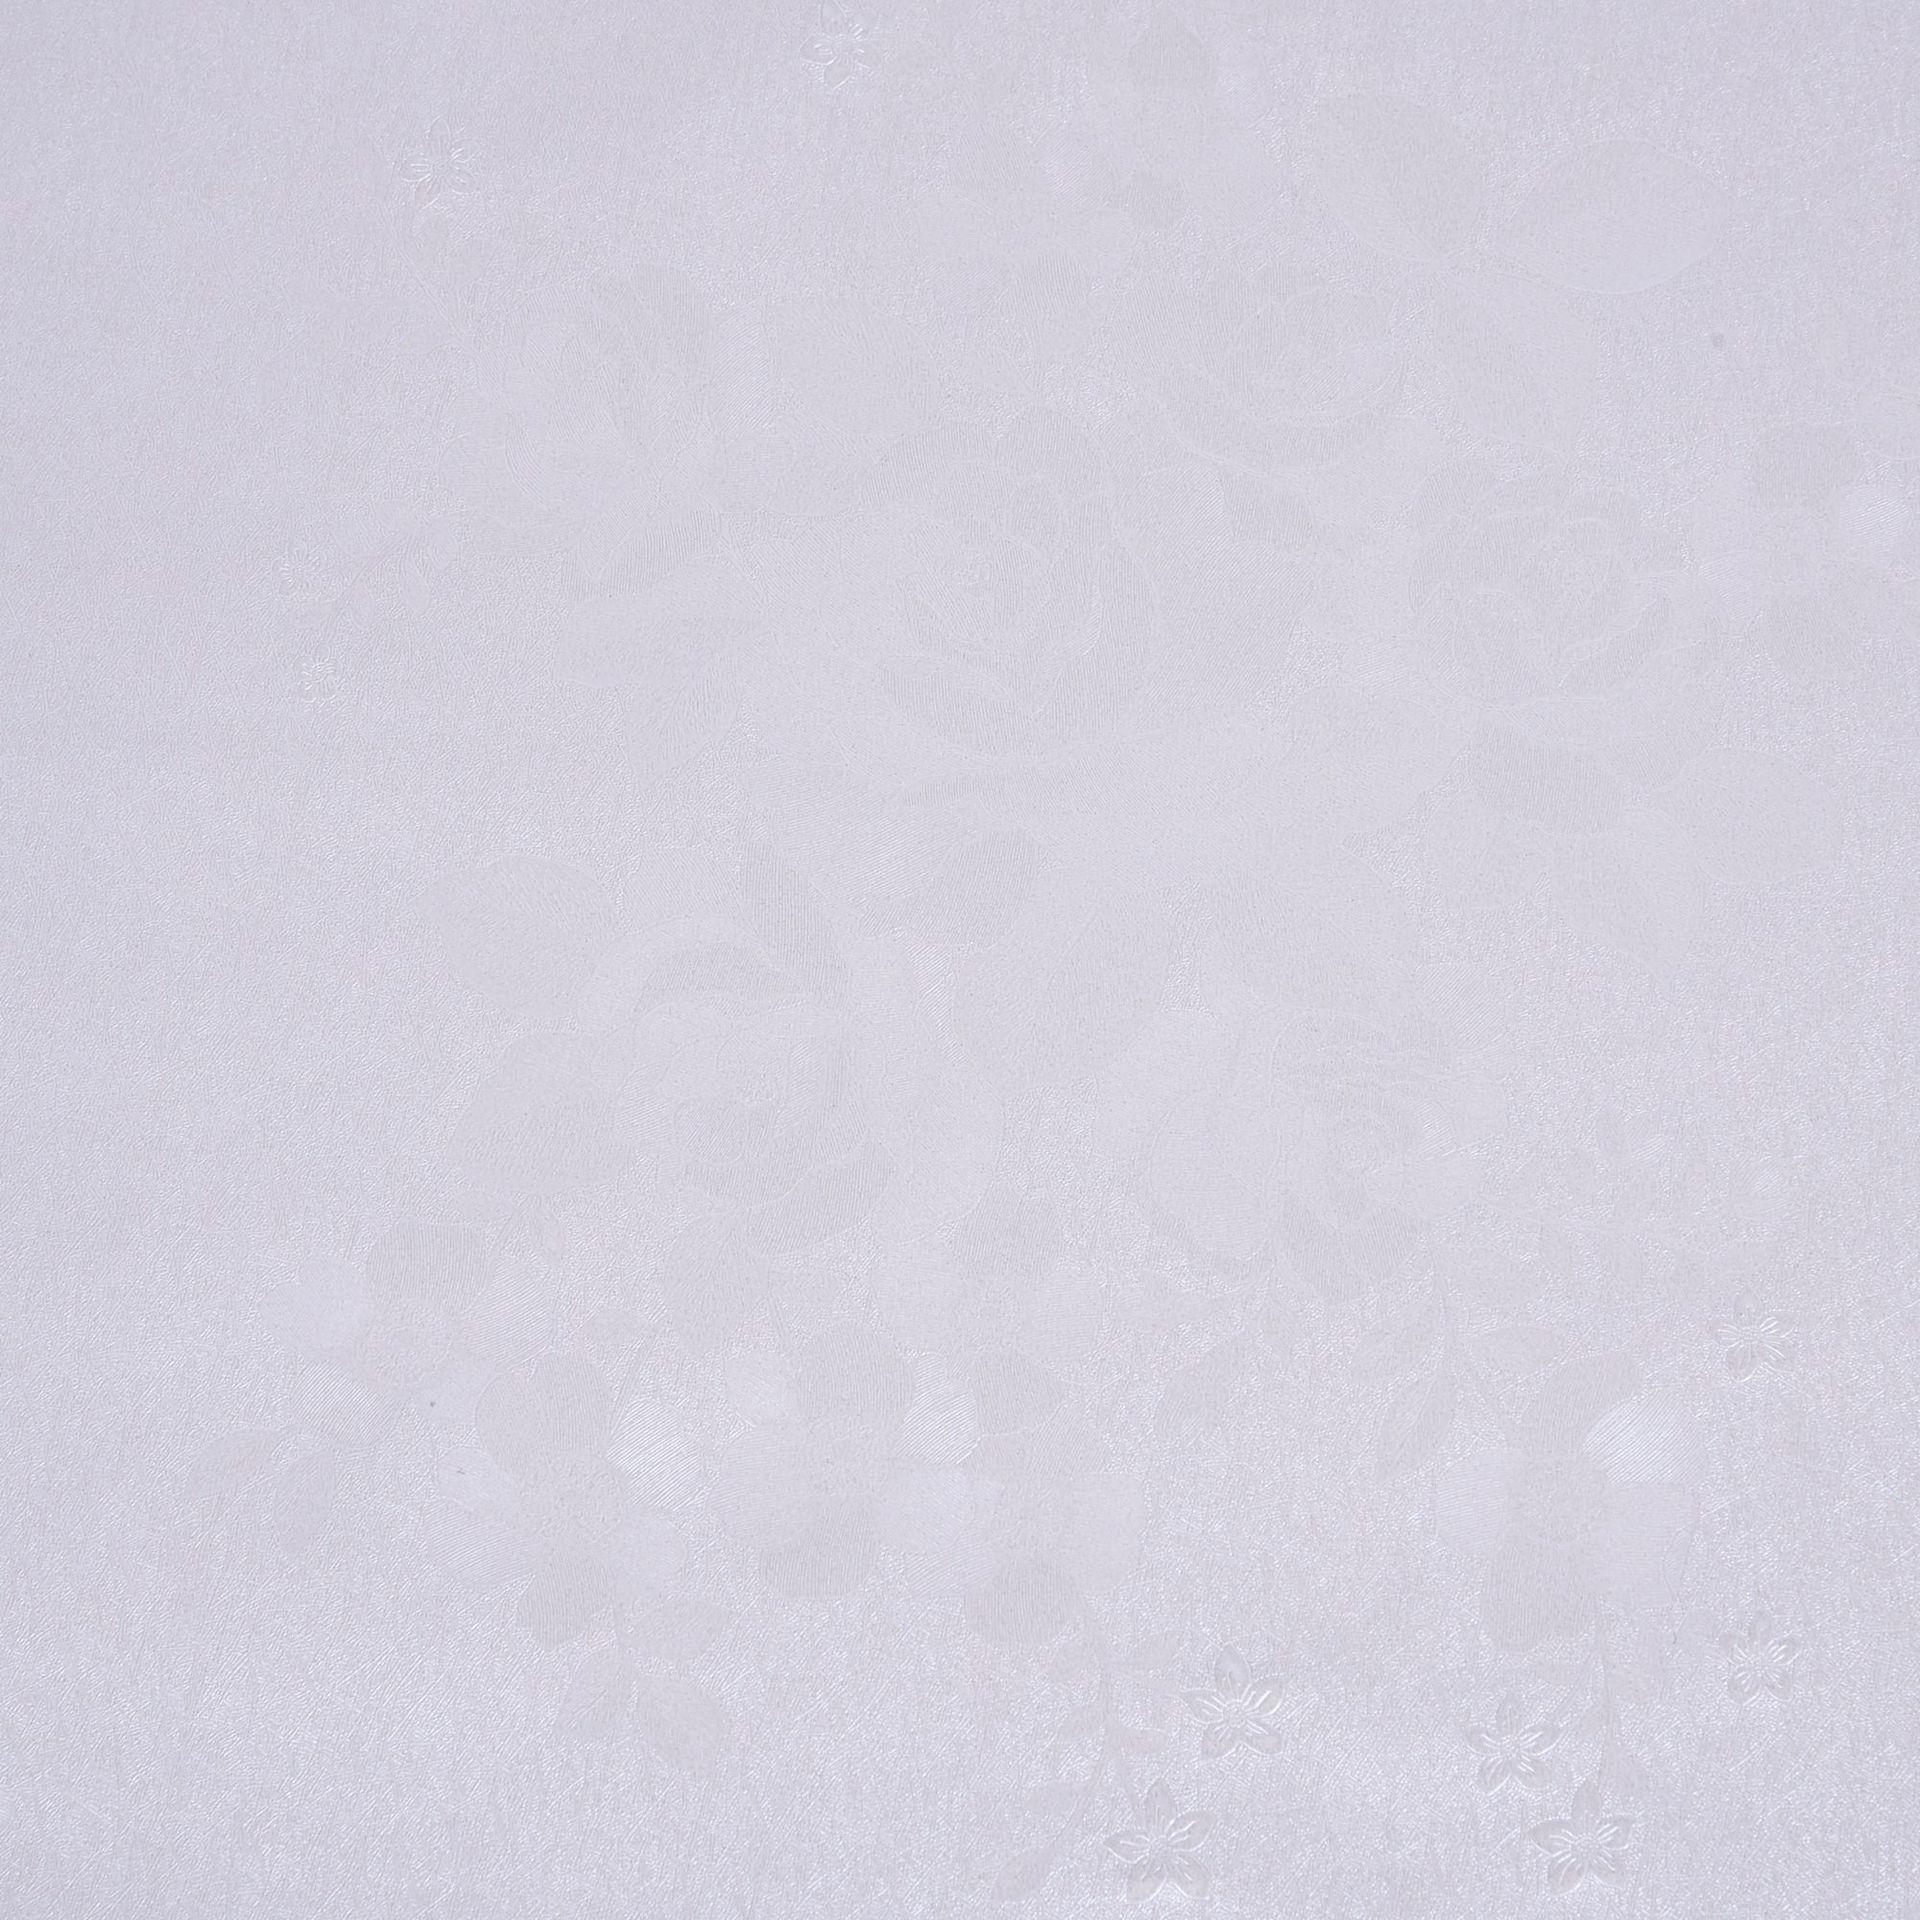 pvc防水高档加厚自粘墙纸欧式纯色壁纸客厅电视墙暗花彩装膜批发